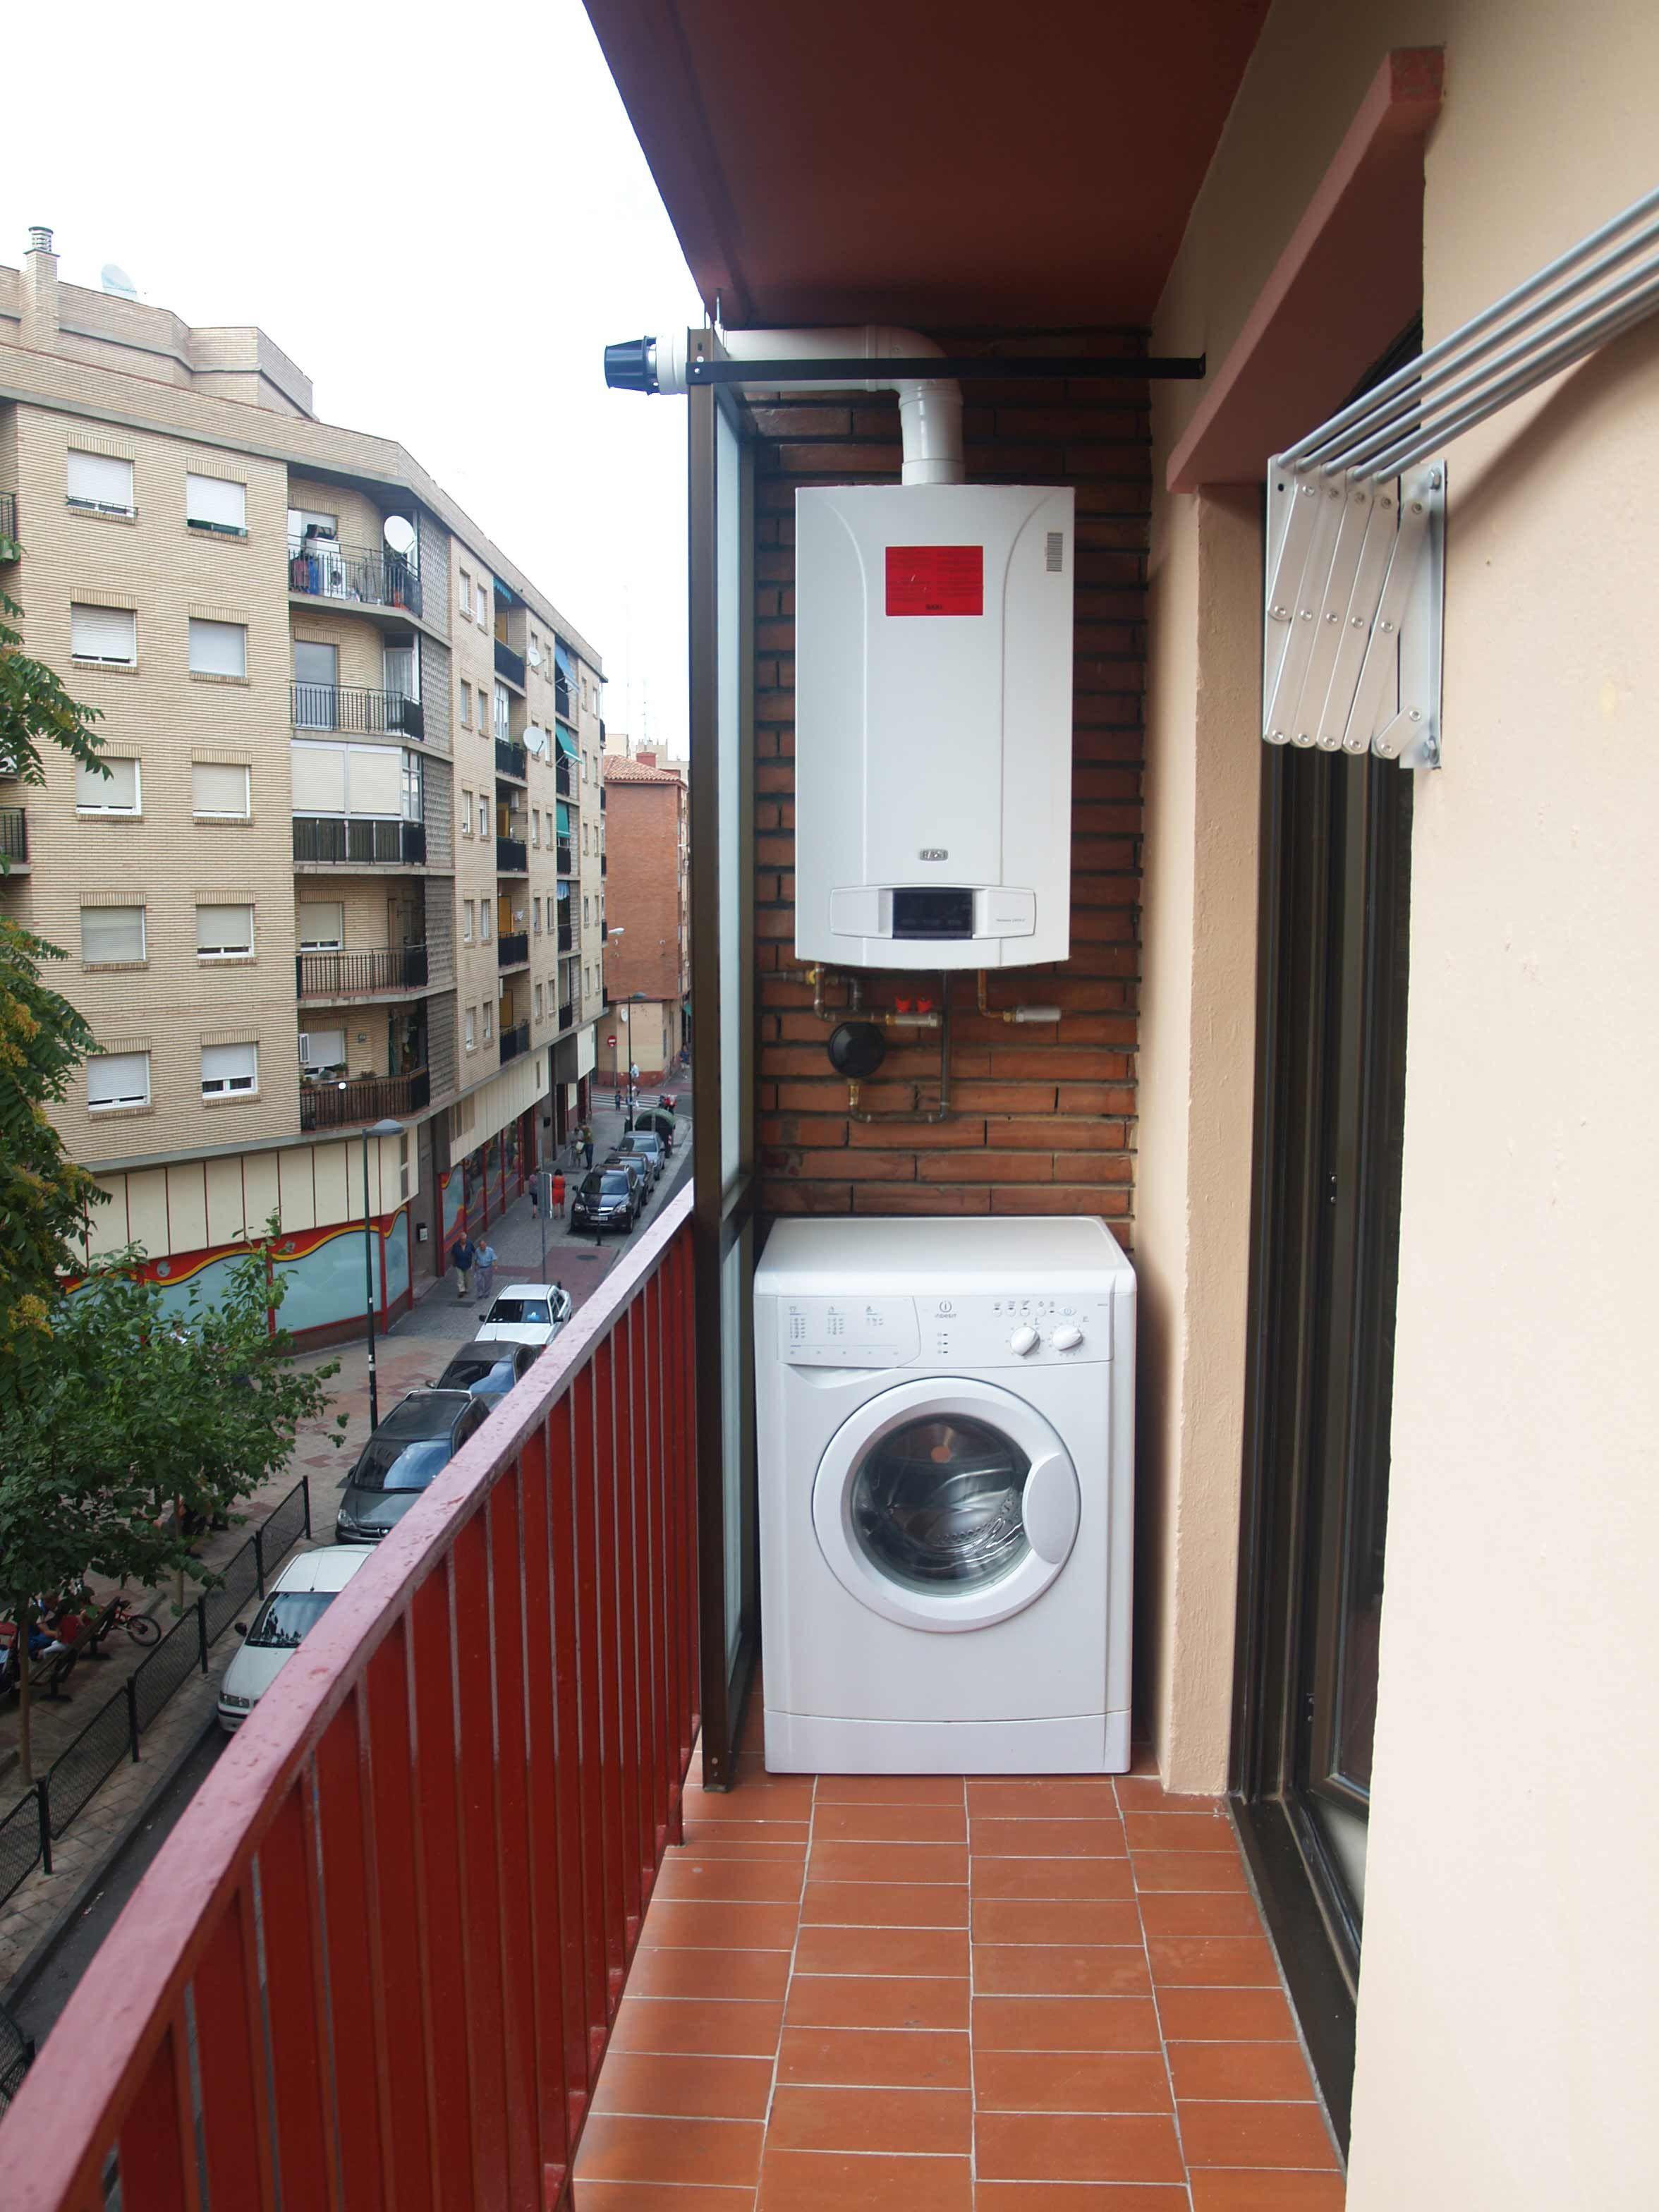 La terraza donde se encuentra la caldera y la lavadora for Muebles para balcon exterior pequeno